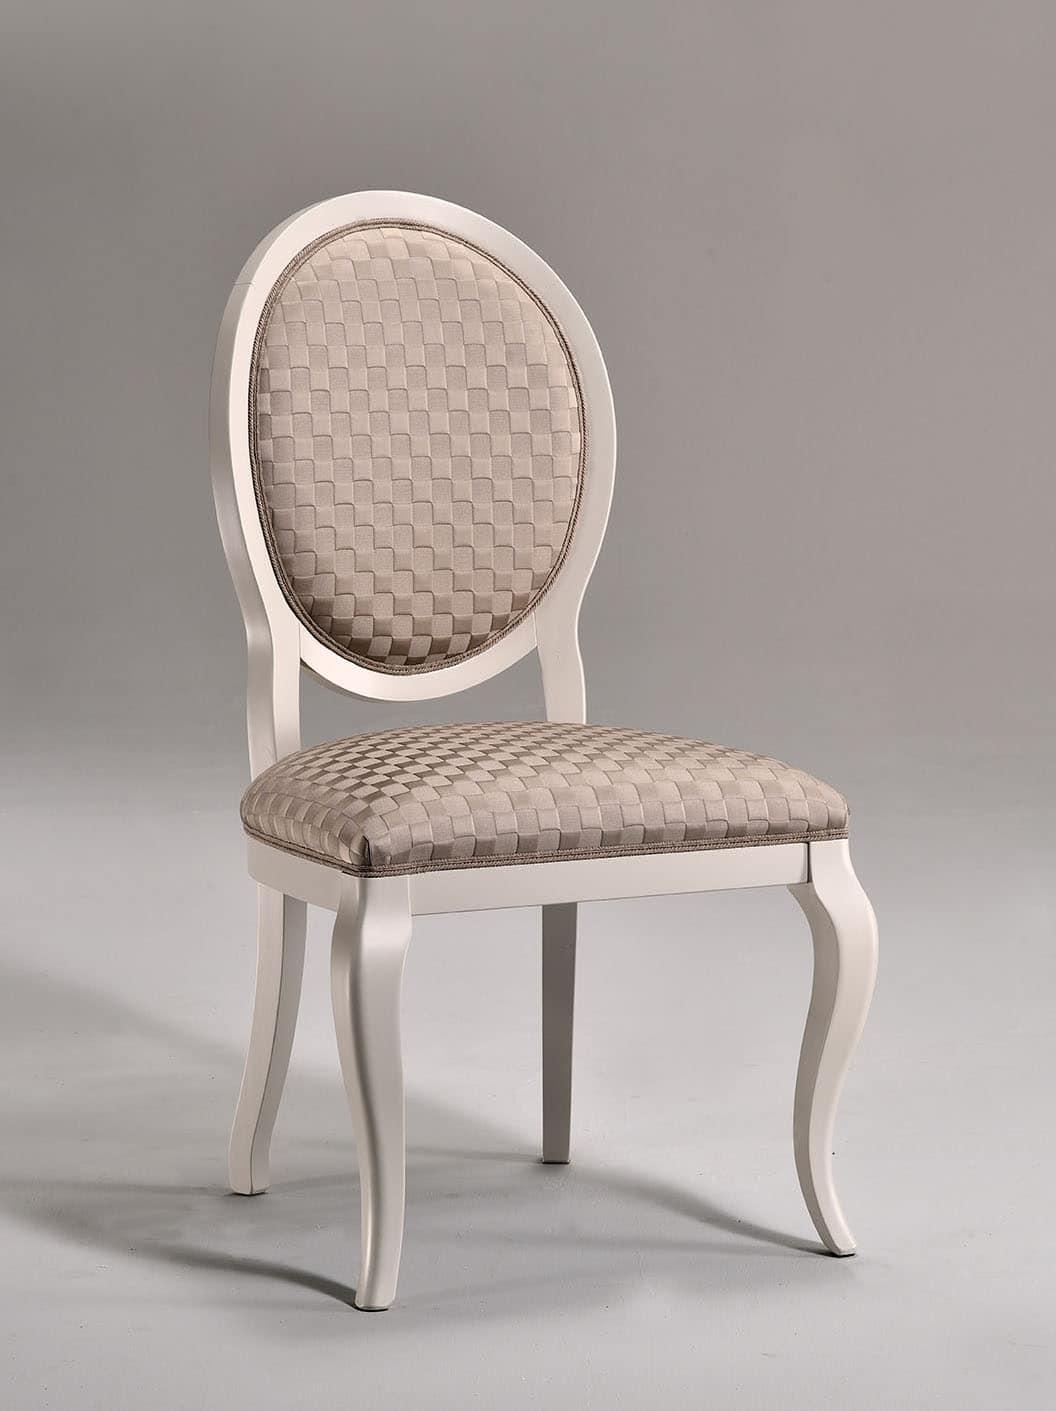 LICA Stuhl 8432S, Esszimmerstuhl, Gepolsterter Sitz, Für Wohnzimmer